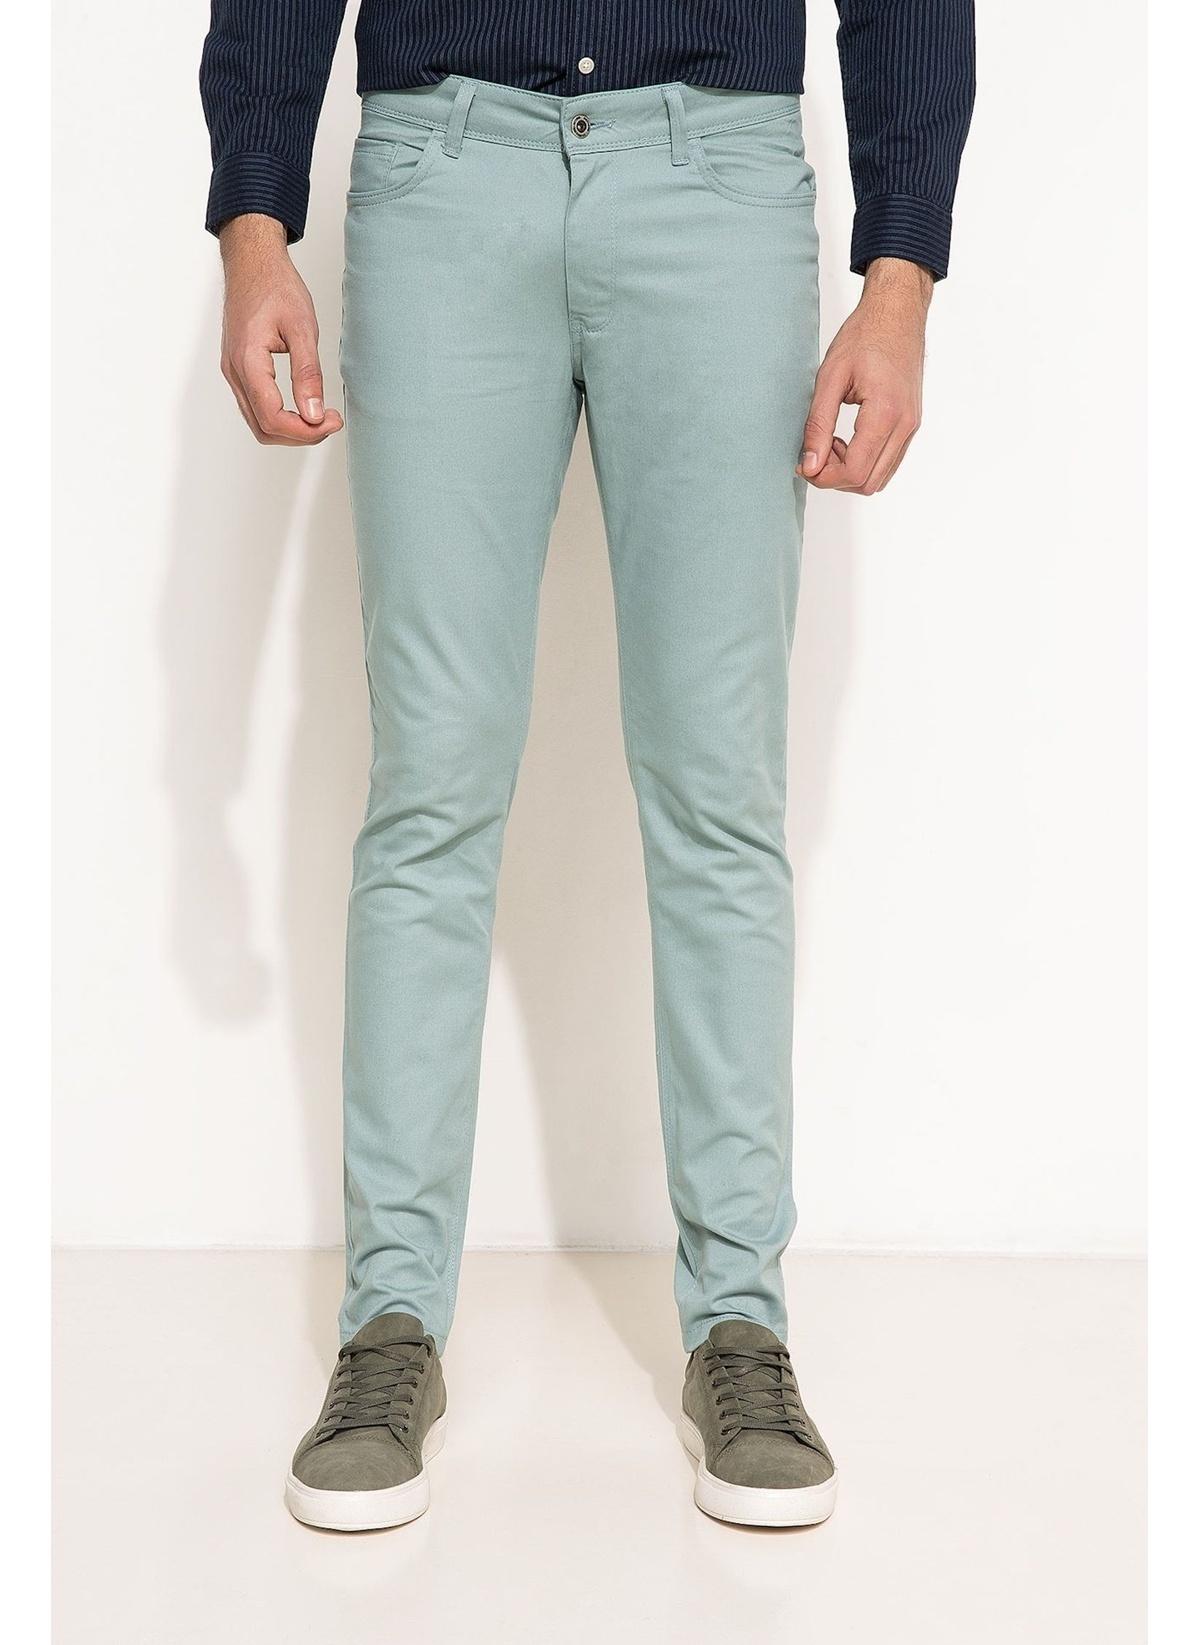 Defacto Paco Slim Fit 5 Cep Pantolon H1635az18sptr97pantolon – 59.99 TL